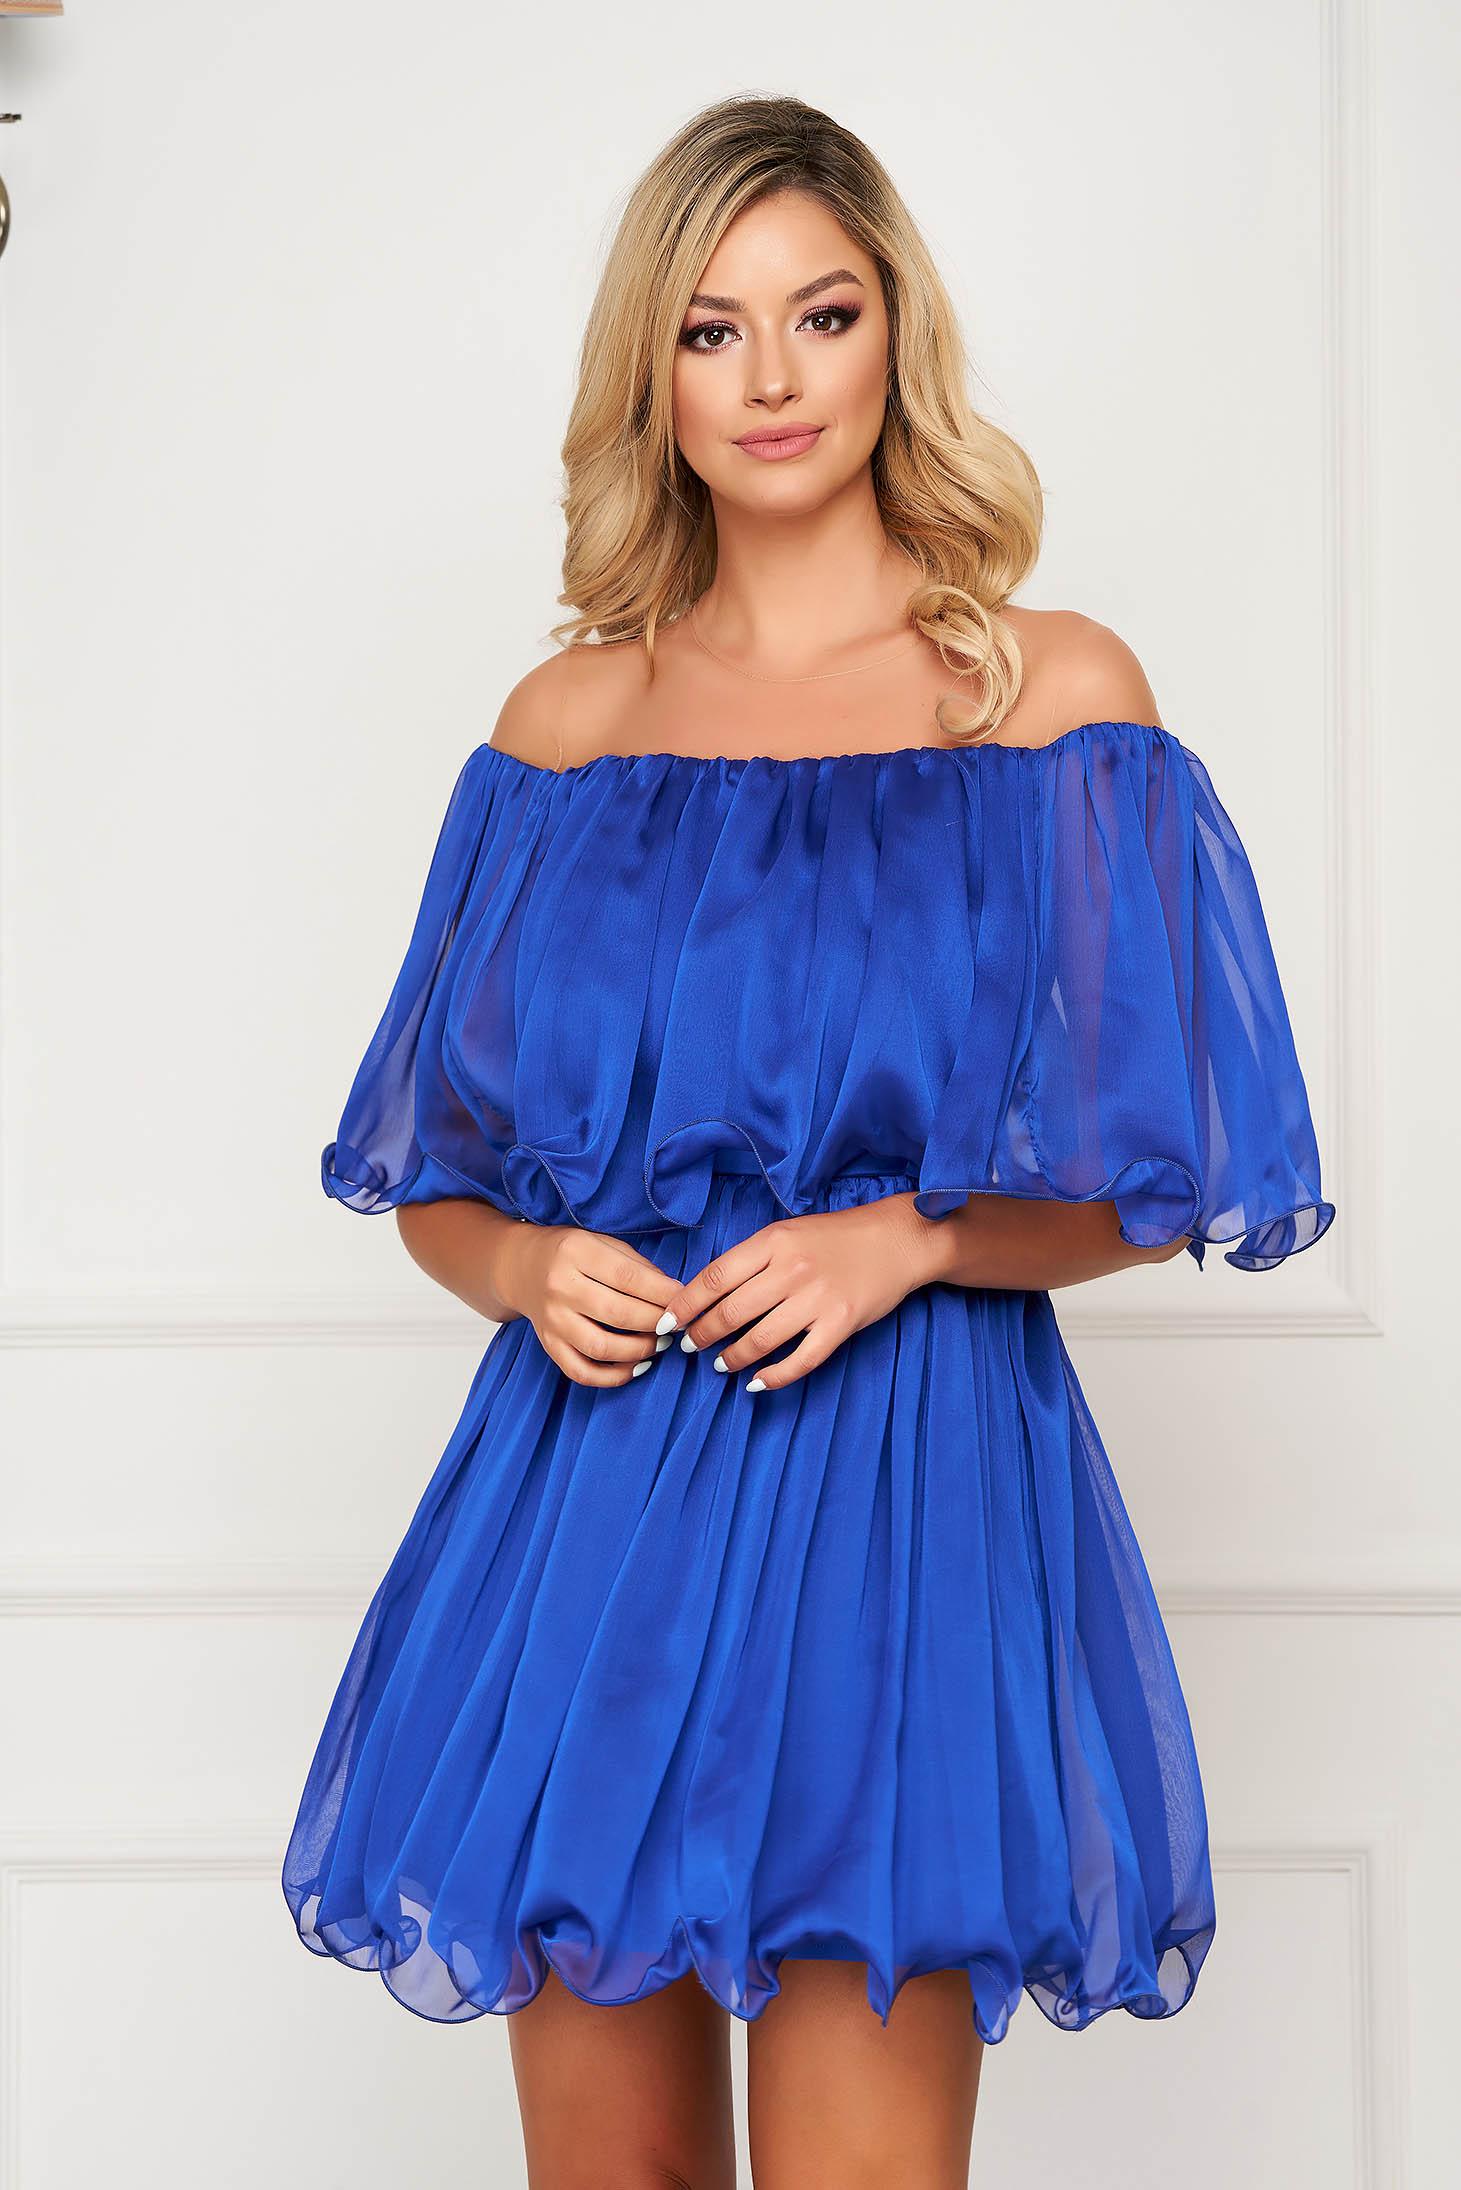 Rochie albastra scurta de ocazie in clos material subtire cu umeri goi